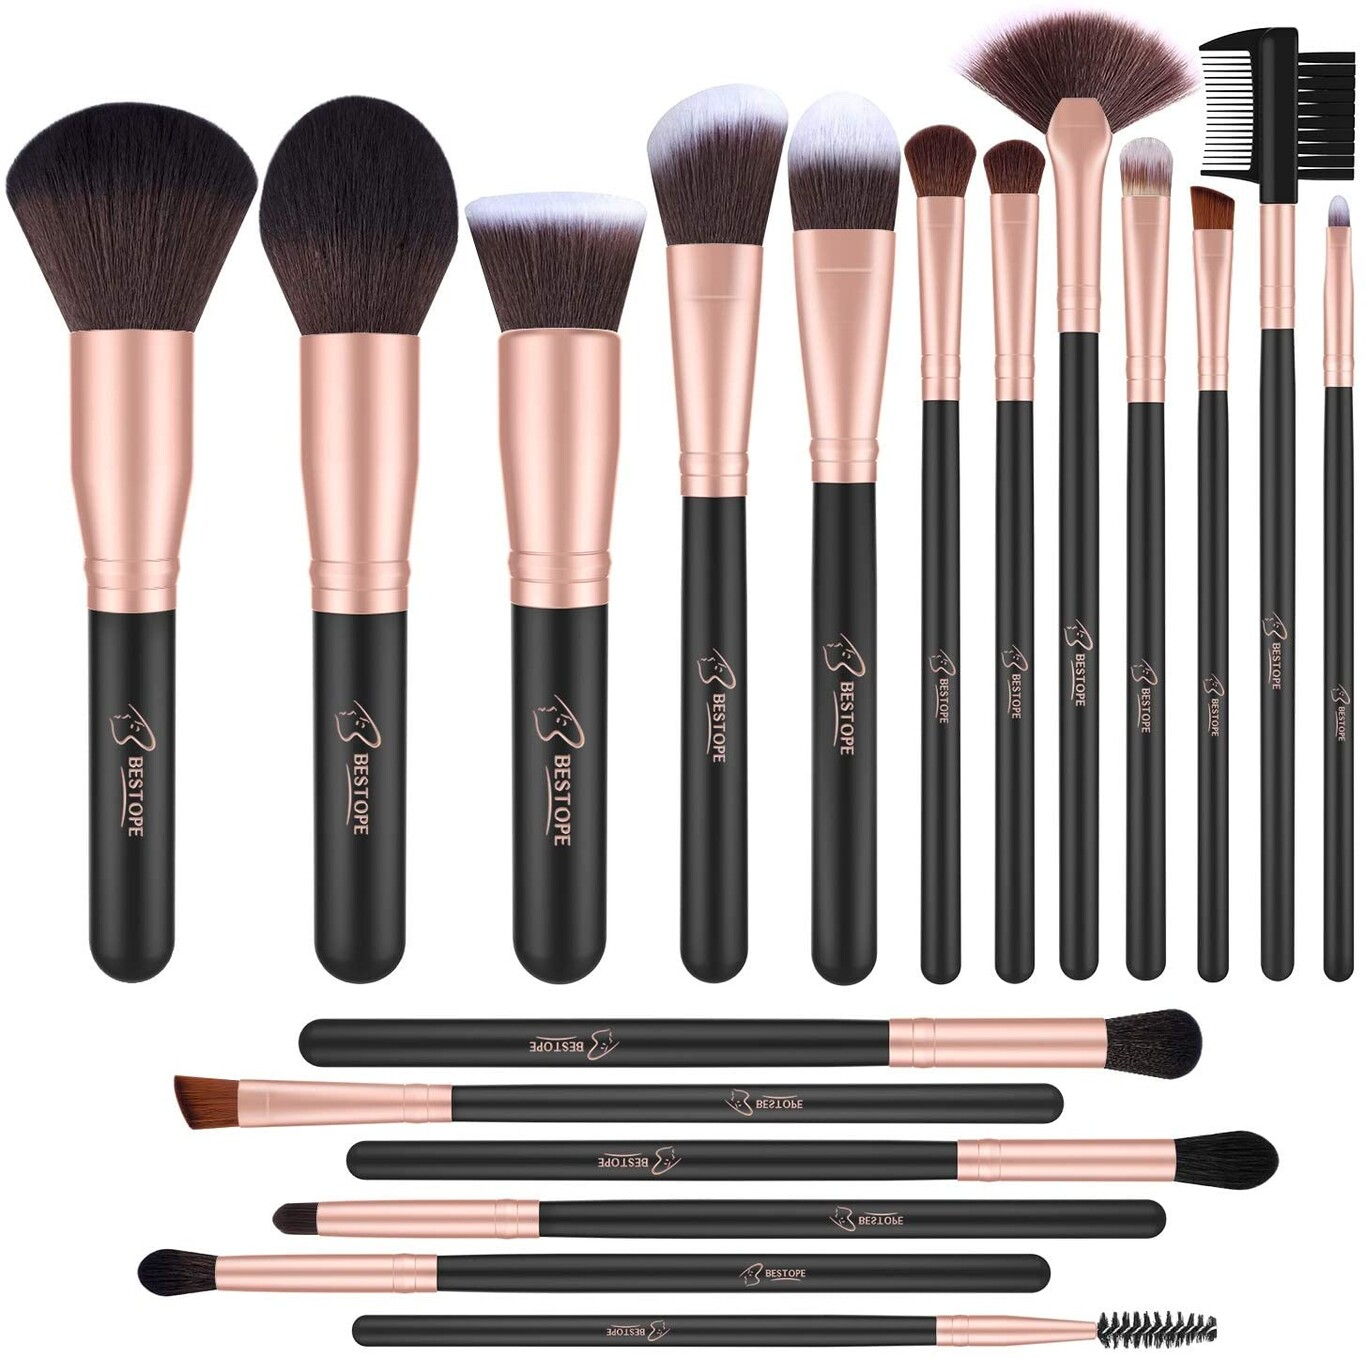 Set de brochas de maquillaje profesional BESTOPE 16 piezas Pinceles de maquillaje Set Premium Synthetic Foundation Brush Blending Face Powder Blush Concealers Kit de pinceles